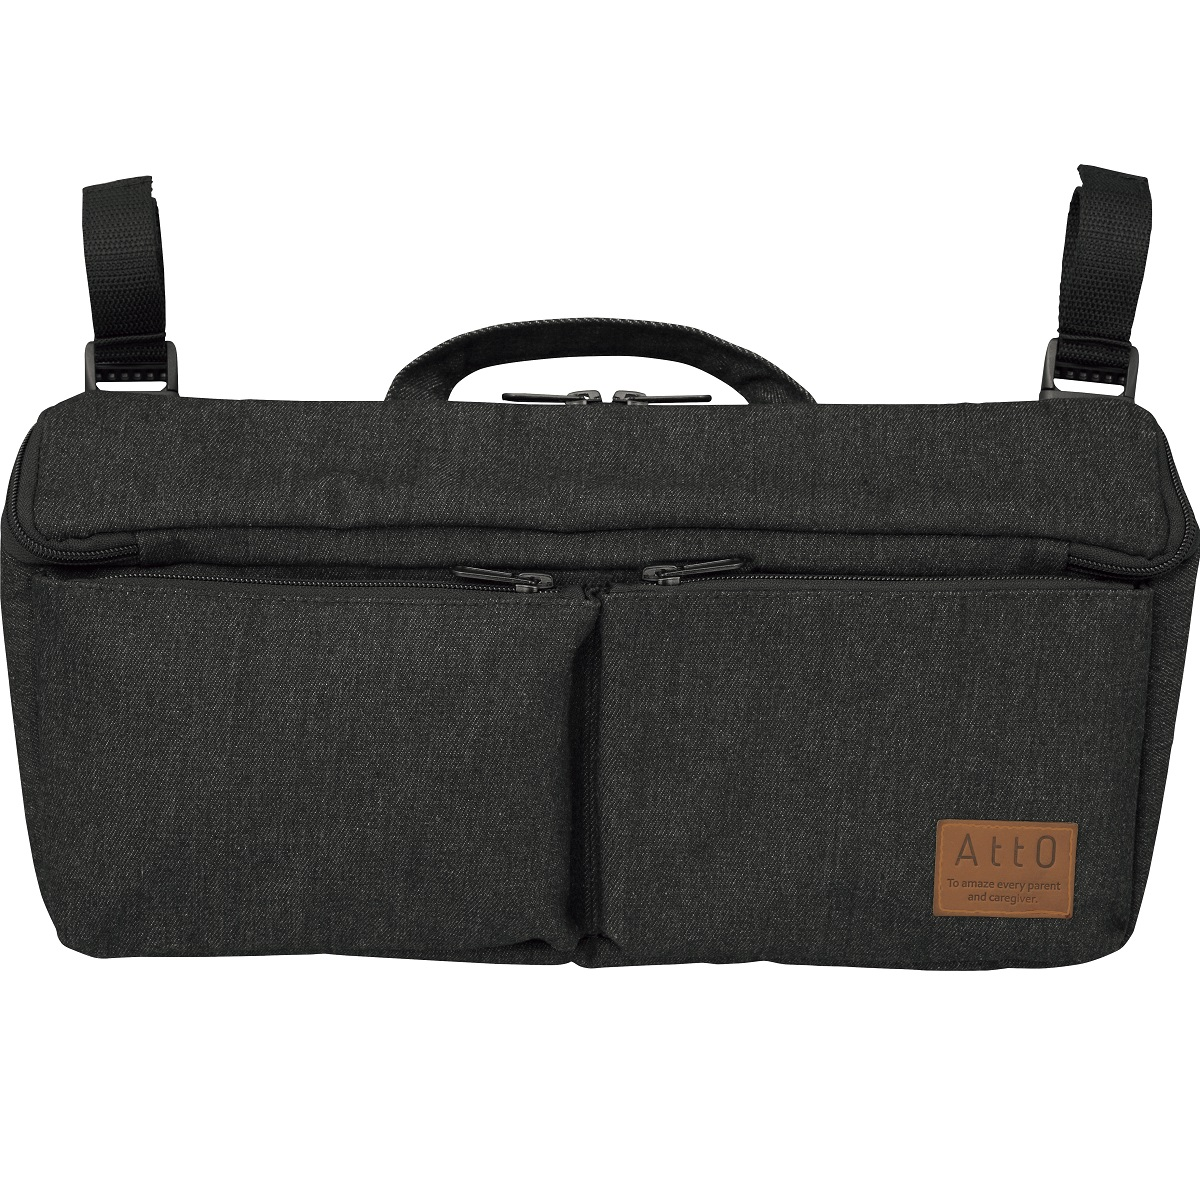 Combi(コンビ) ベビーカーAttO専用パレットバッグ ダークグレー(GL) 173605 / PaletteBag【正規販売店】コンビ株式会社より直接仕入れています。【ラッキーシール対応】